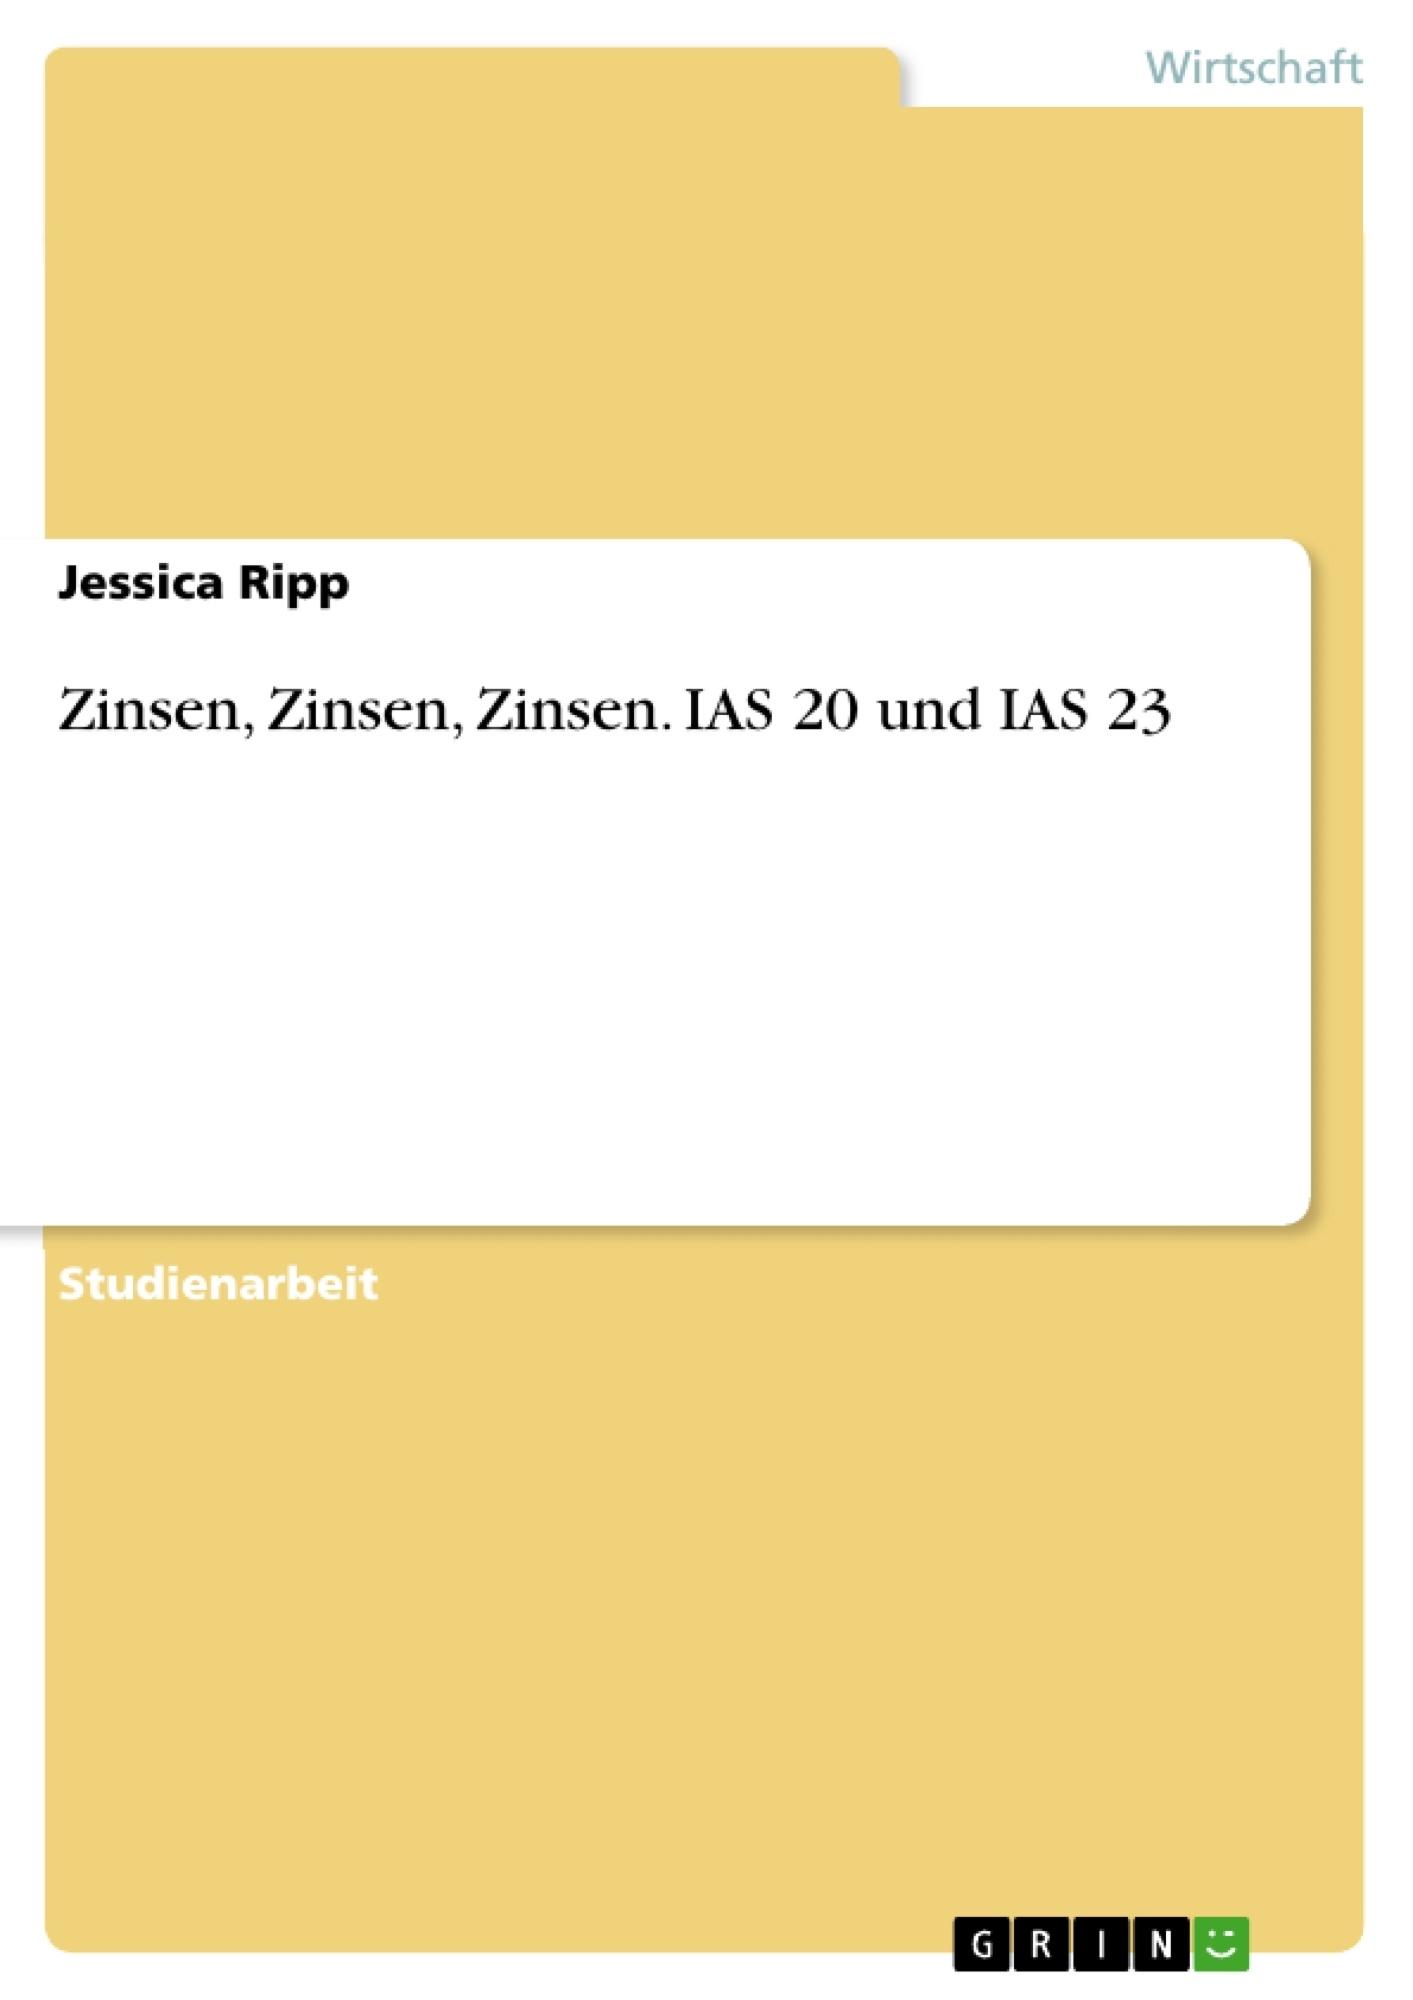 Titel: Zinsen, Zinsen, Zinsen. IAS 20 und IAS 23